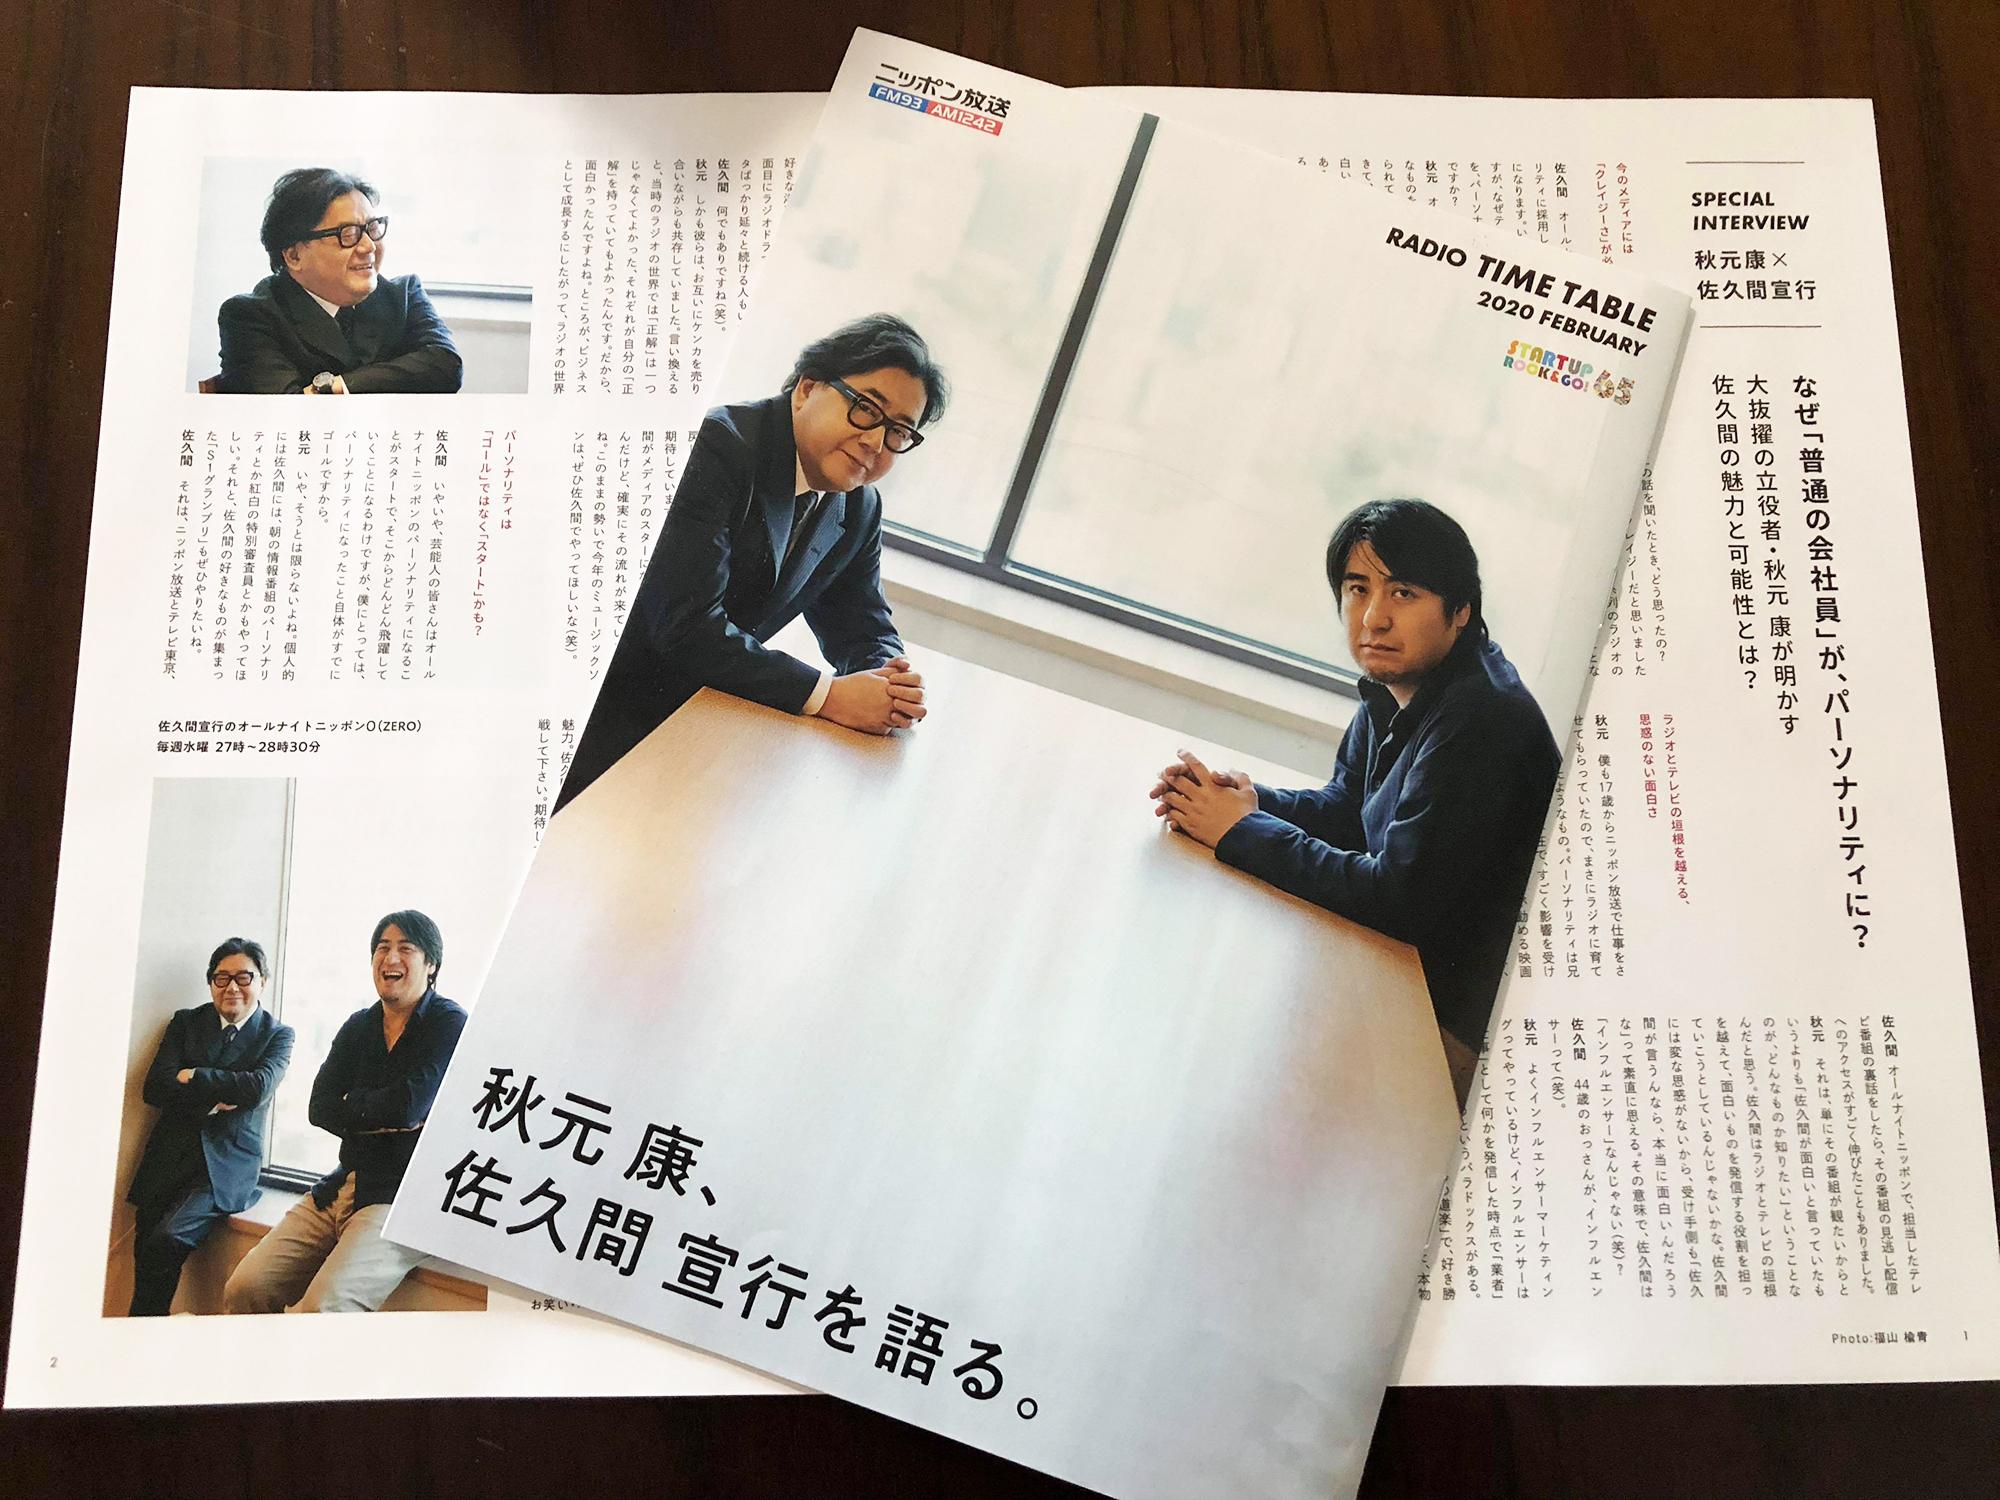 ニッポン放送様タイムテーブル